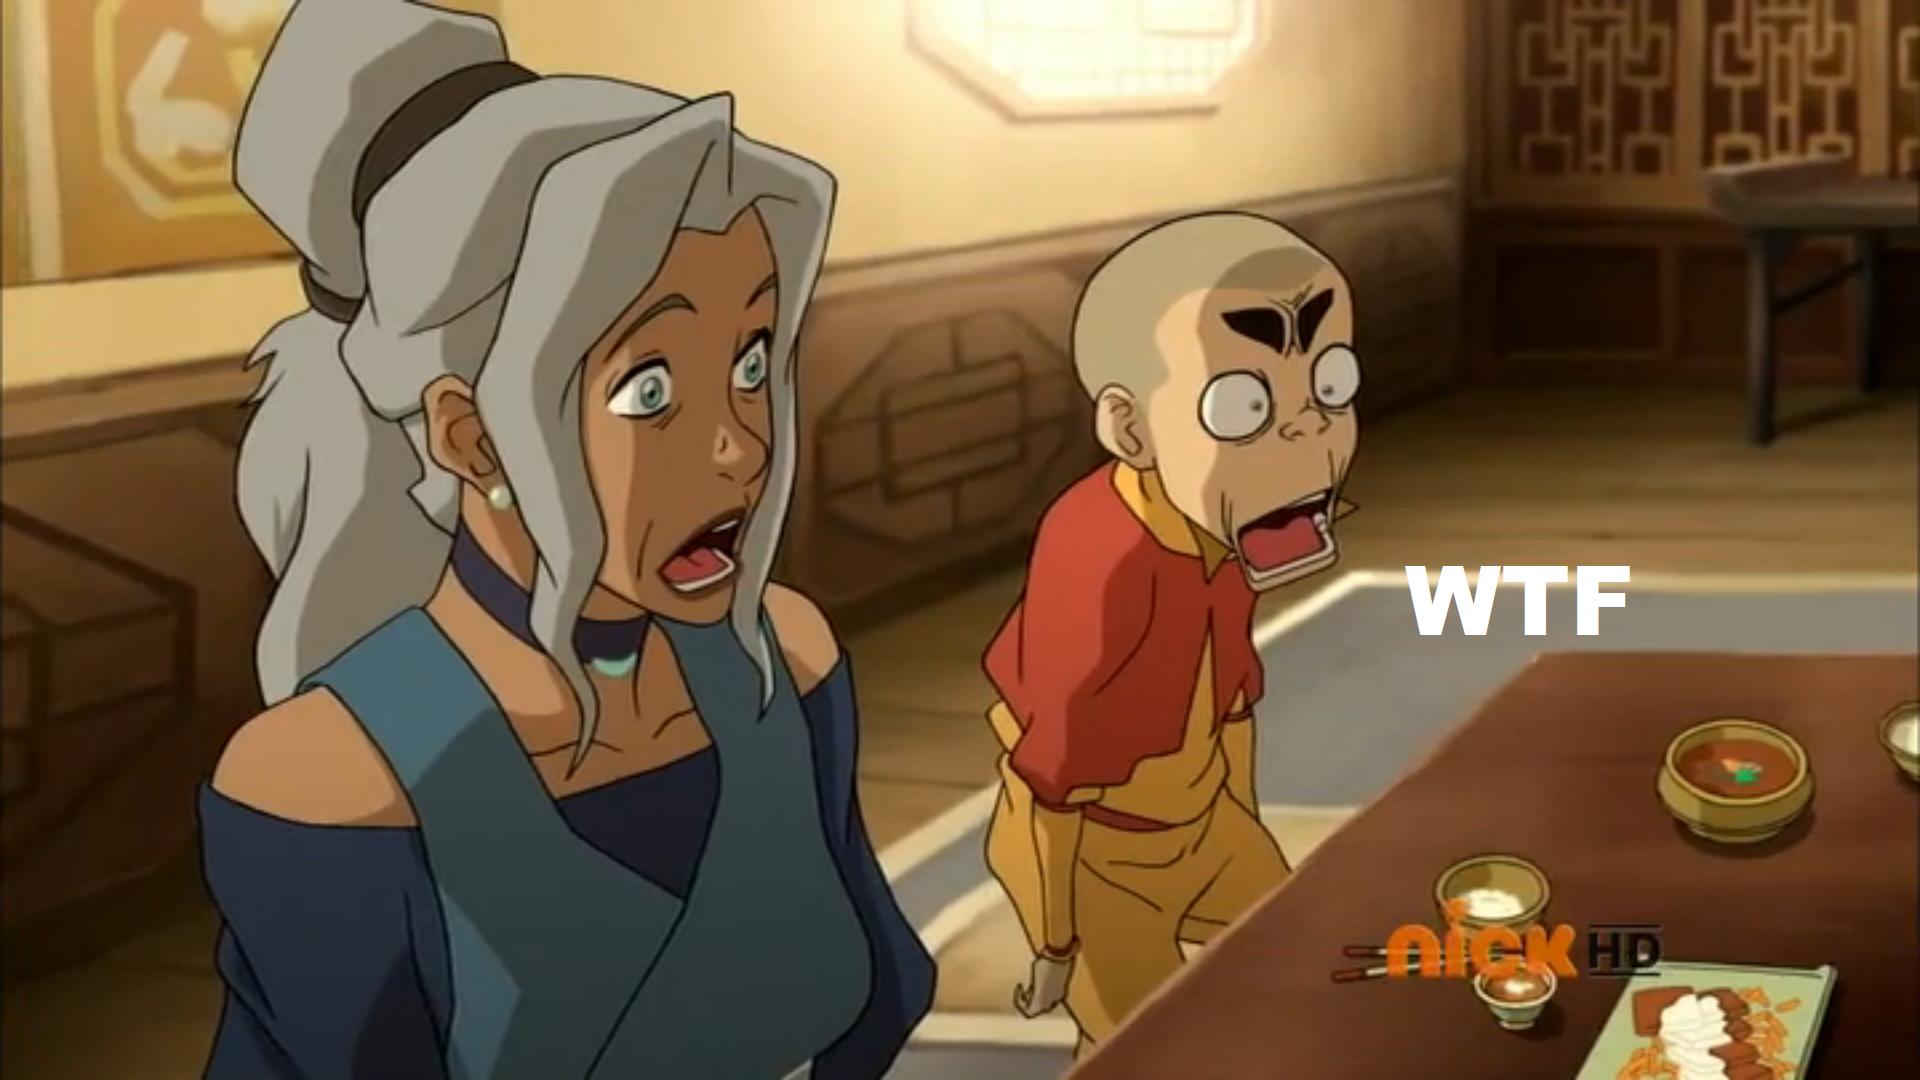 legend of korra season 3 episode 9 watchcartoononline